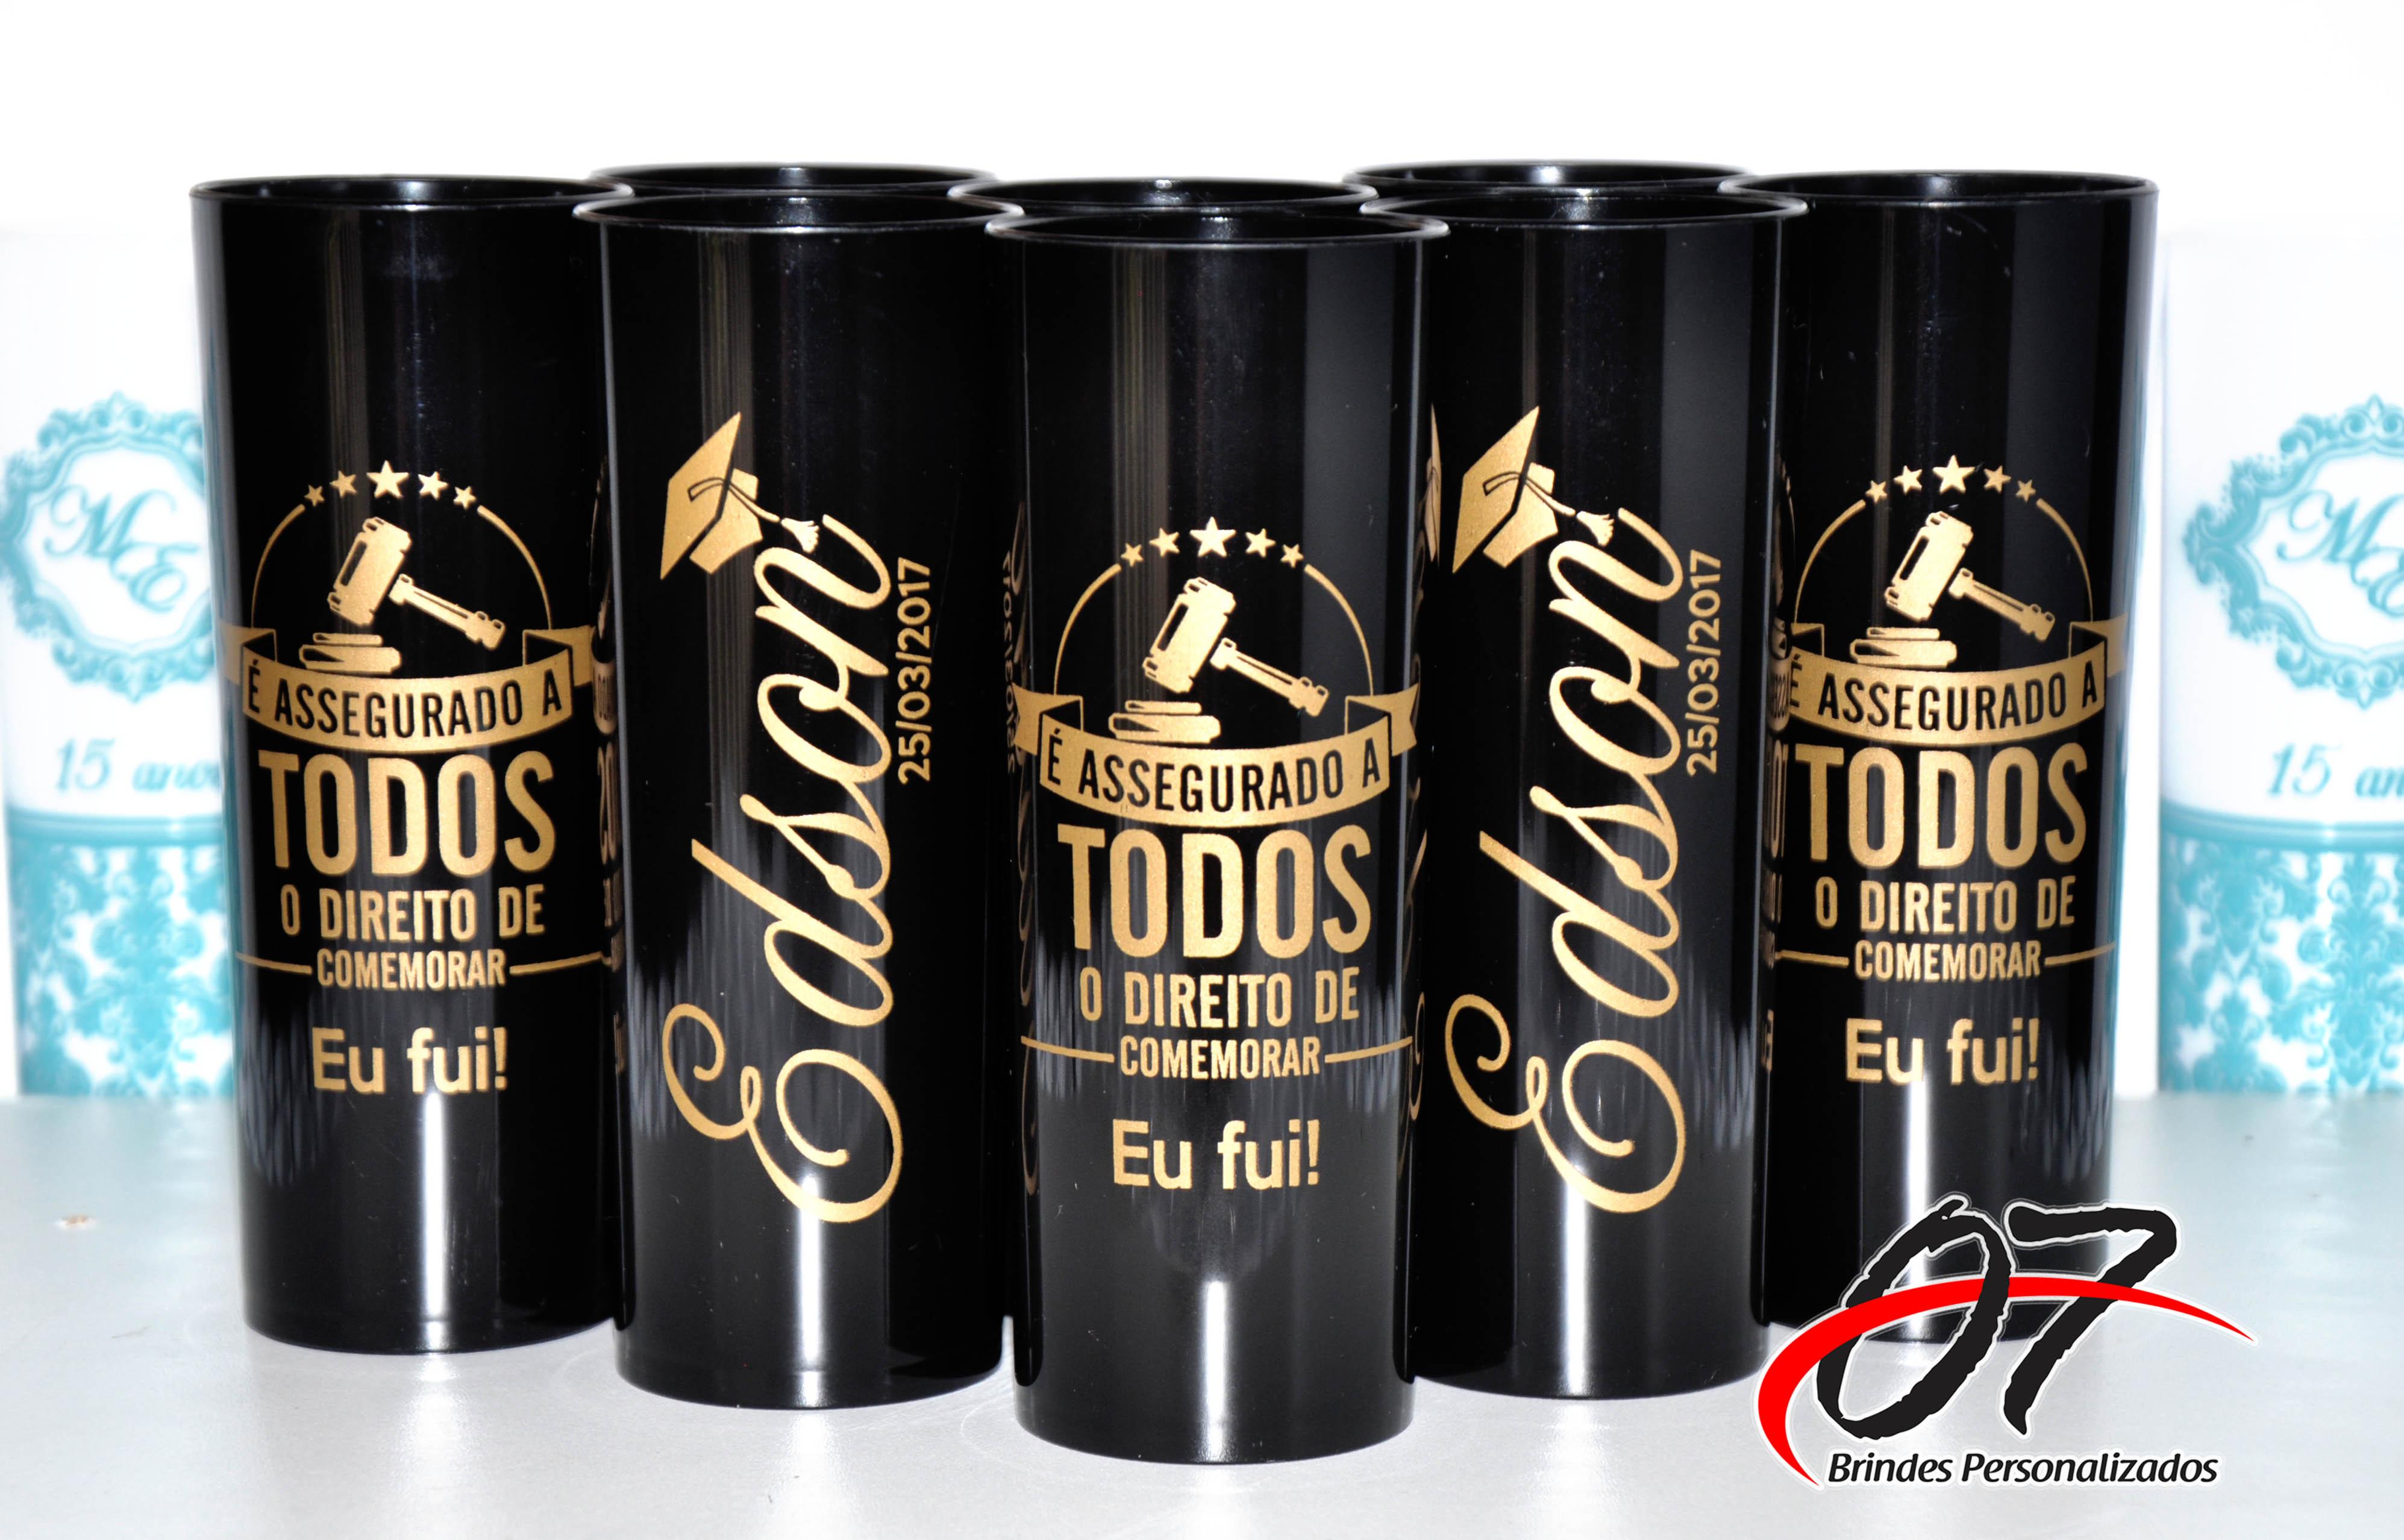 Adesivo De Chão Personalizado Sp ~ Formatura Copo Personalizado, Long Drink 07 Brindes Personalizados Elo7